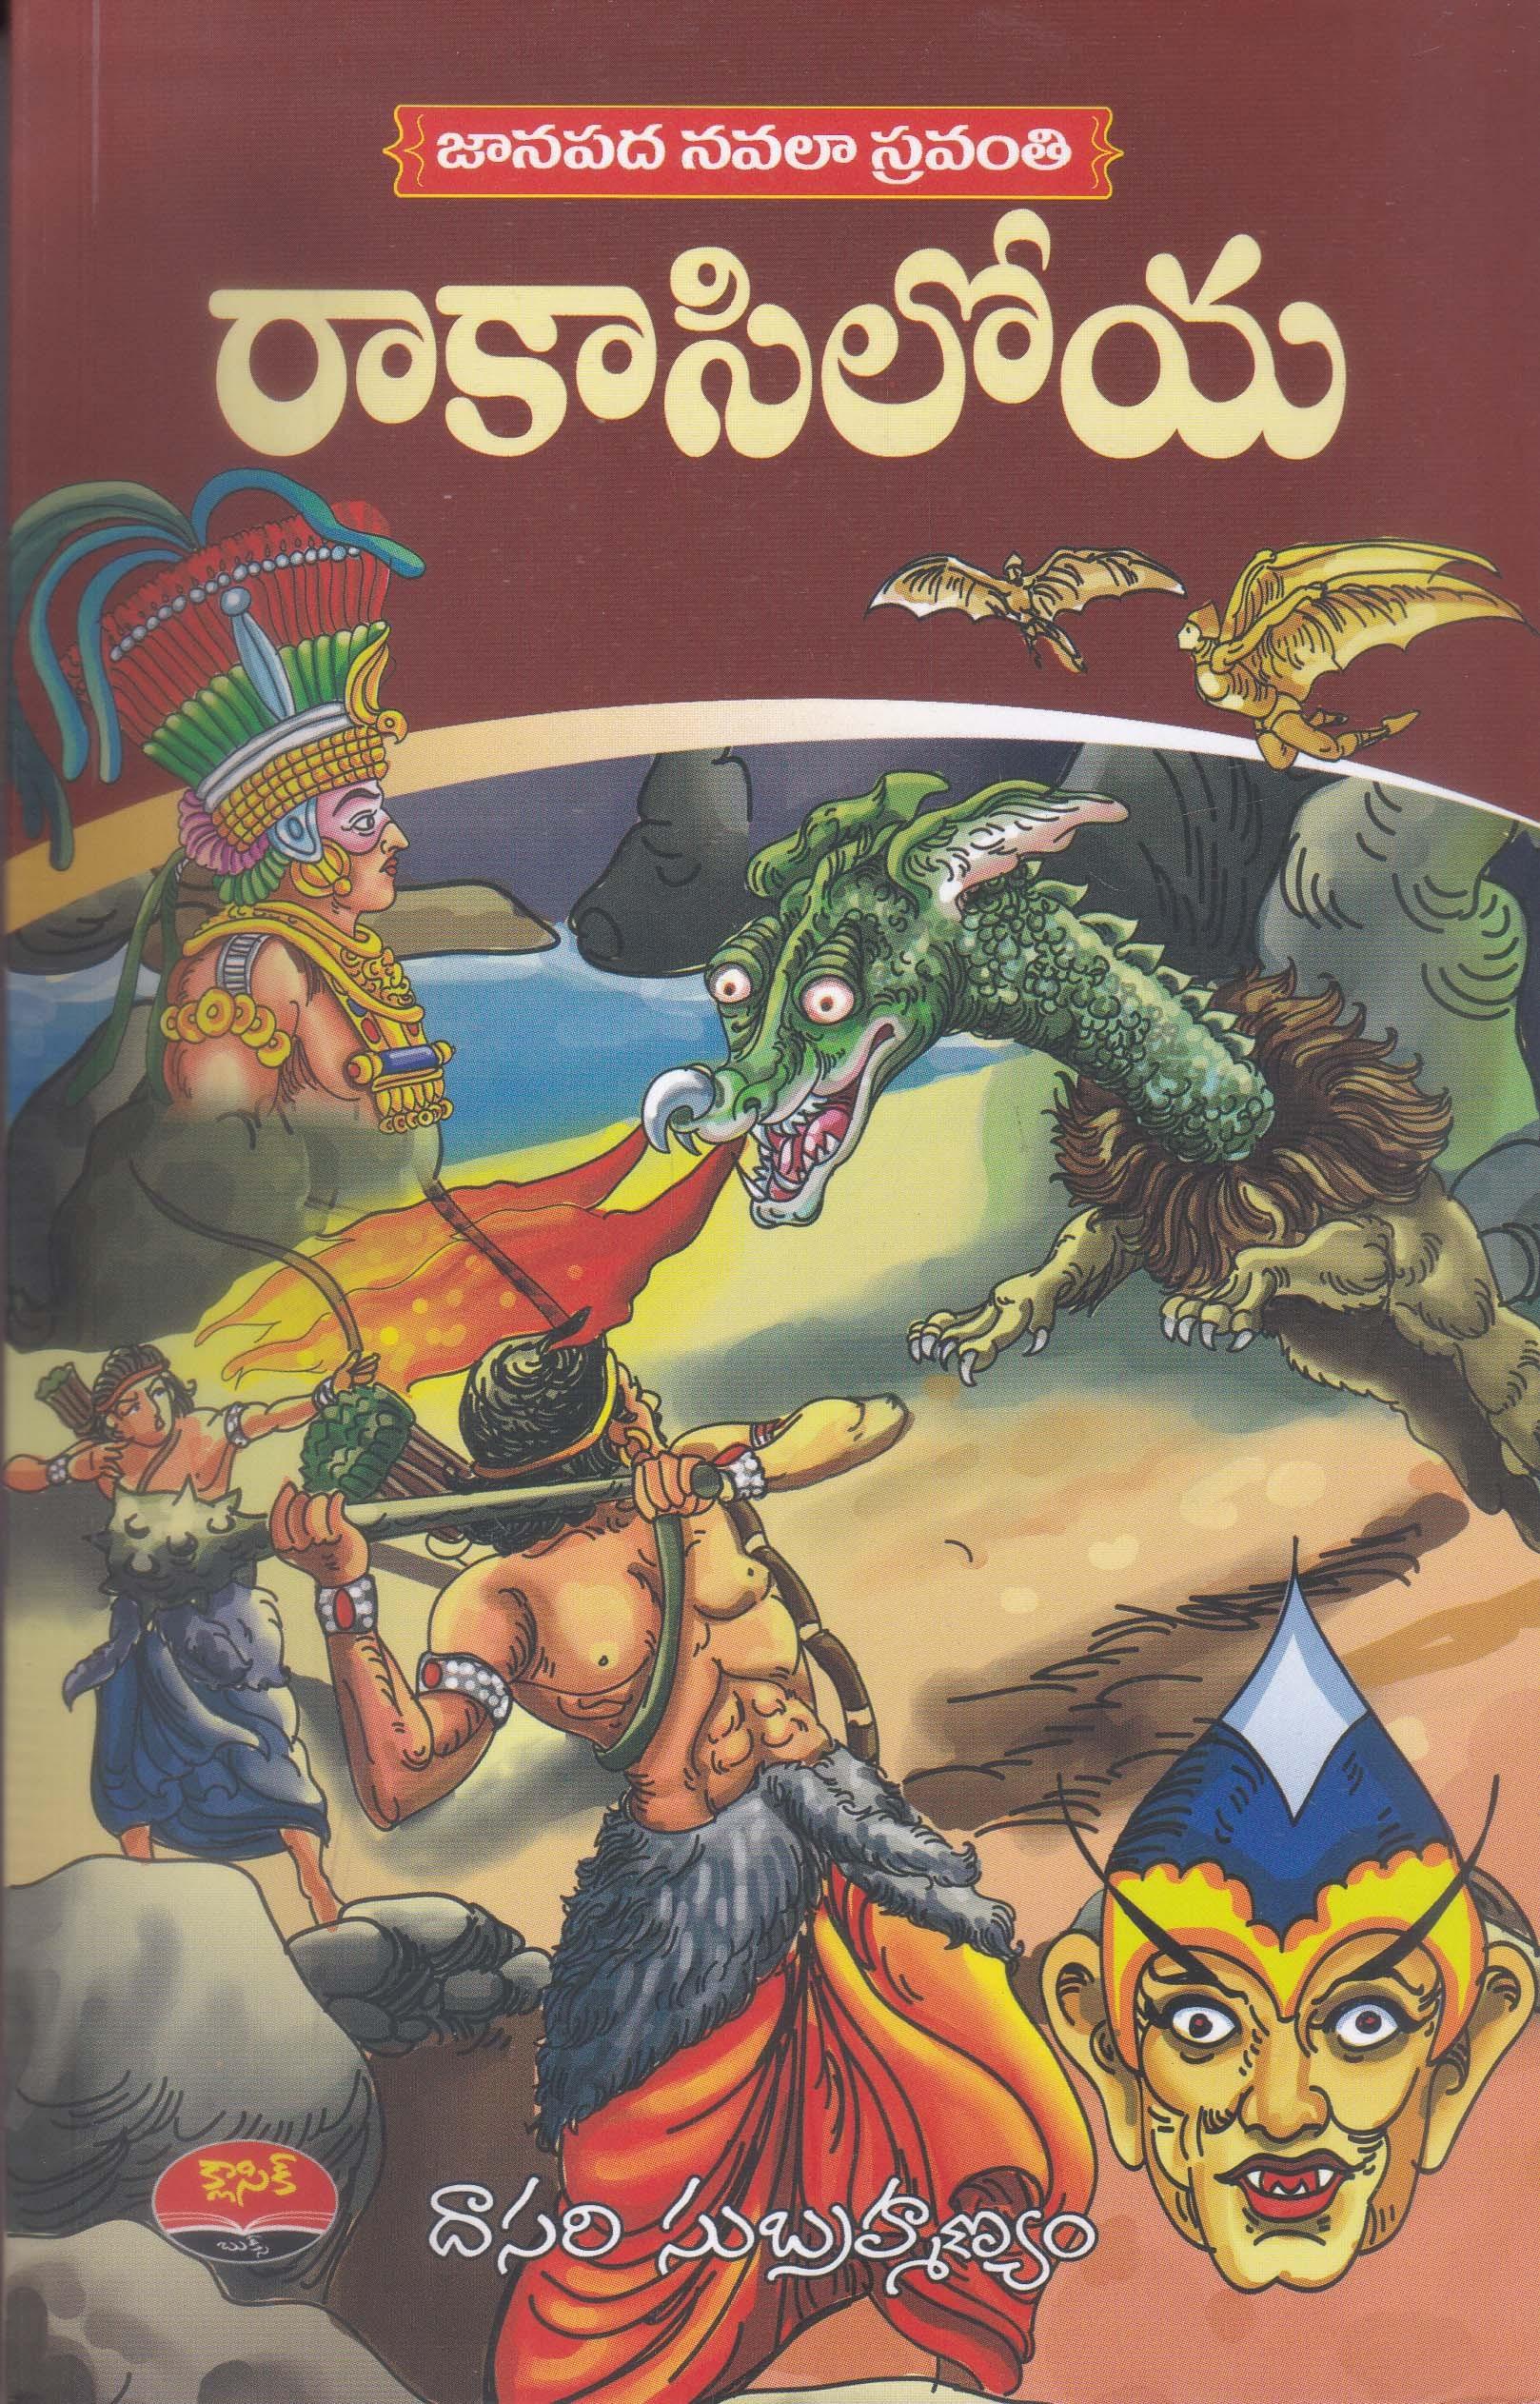 raakaasi-loya-telugu-book-by-dasari-subrahmanyam